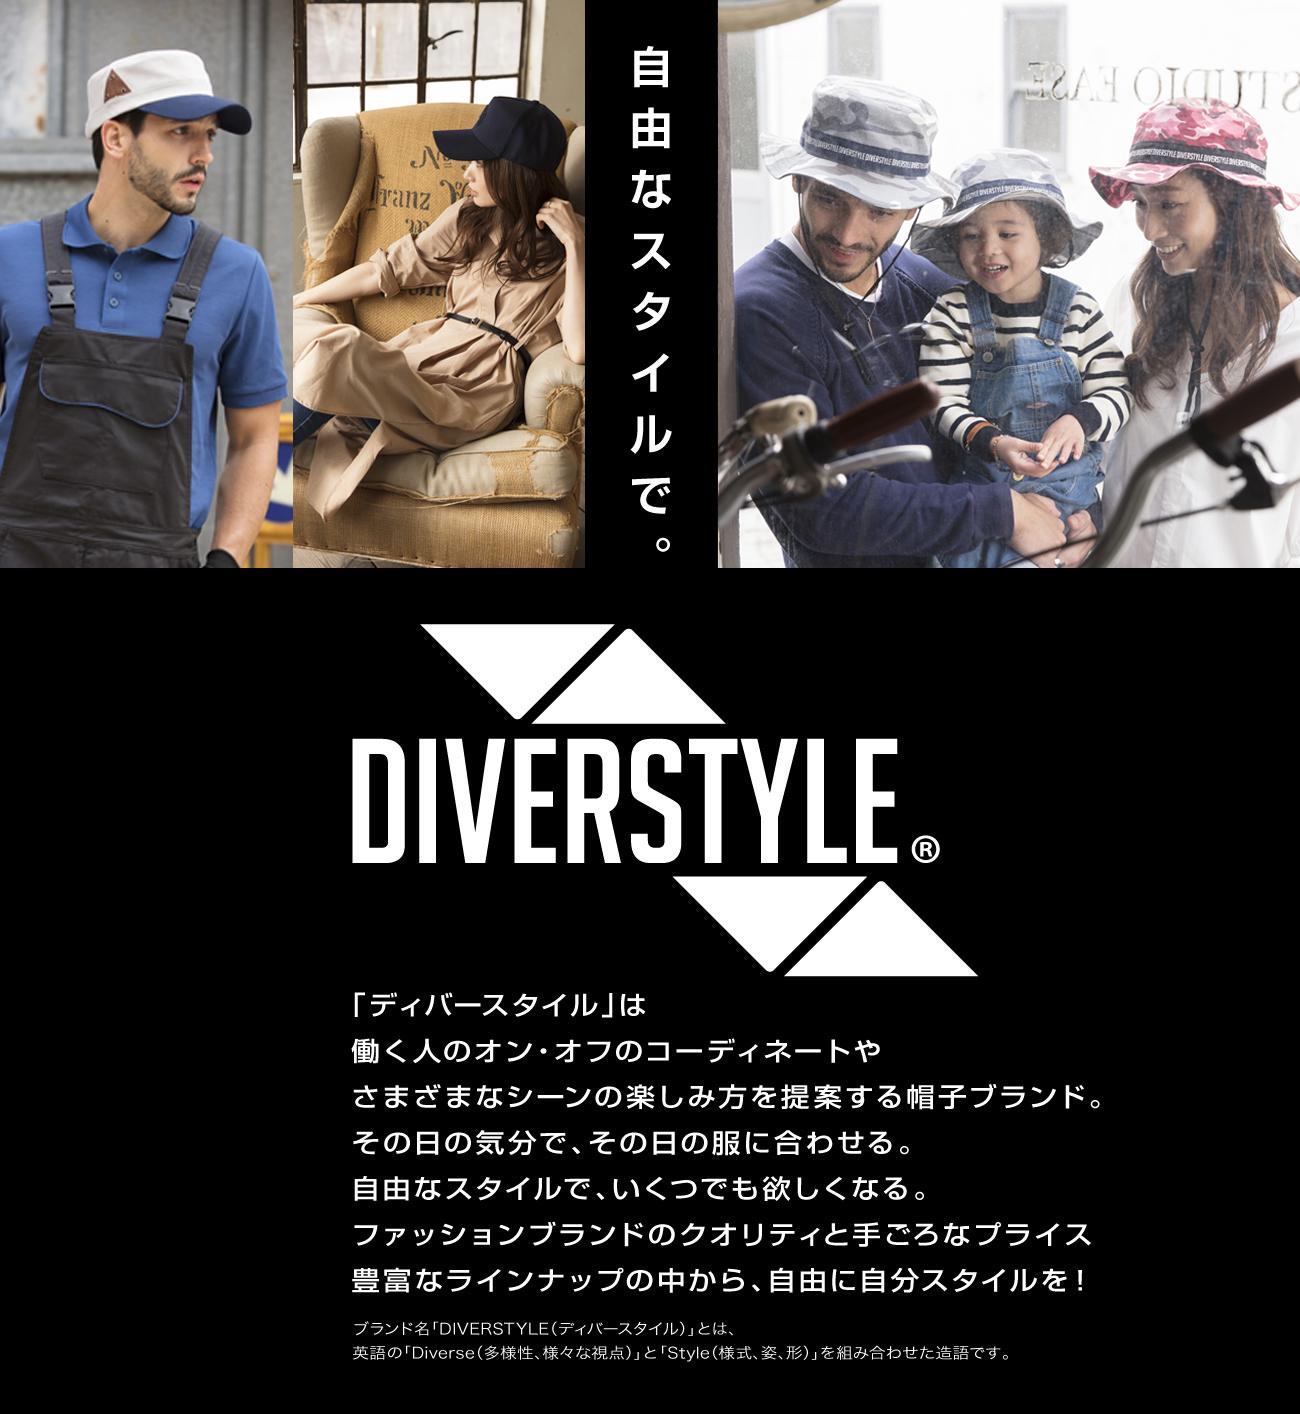 DIVERSTYLE(ディバースタイル)。「ディバースタイル」は働く人のオン・オフのコーディネートや、様々なシーンの楽しみ方を提案する帽子ブランド。